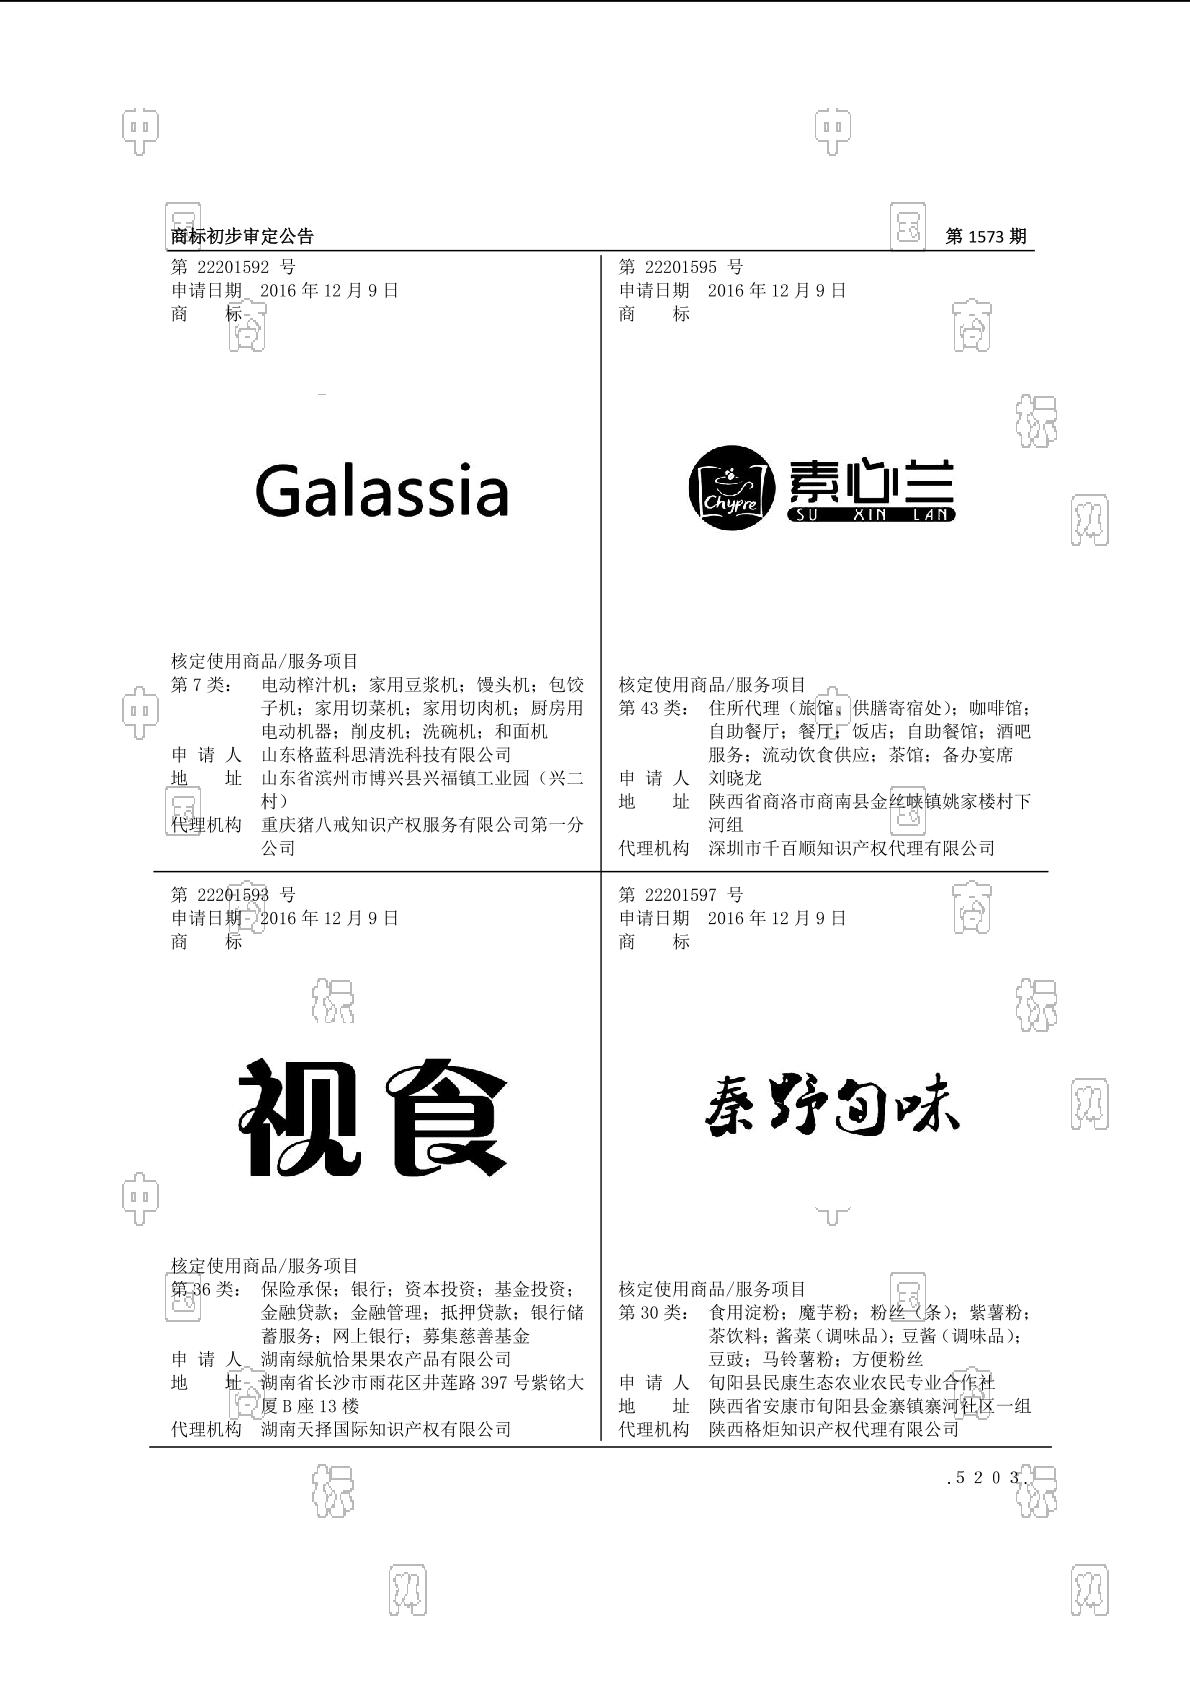 【社标网】GALASSIA商标状态注册号信息 山东格蓝科思清洗科技有限公司商标信息-商标查询